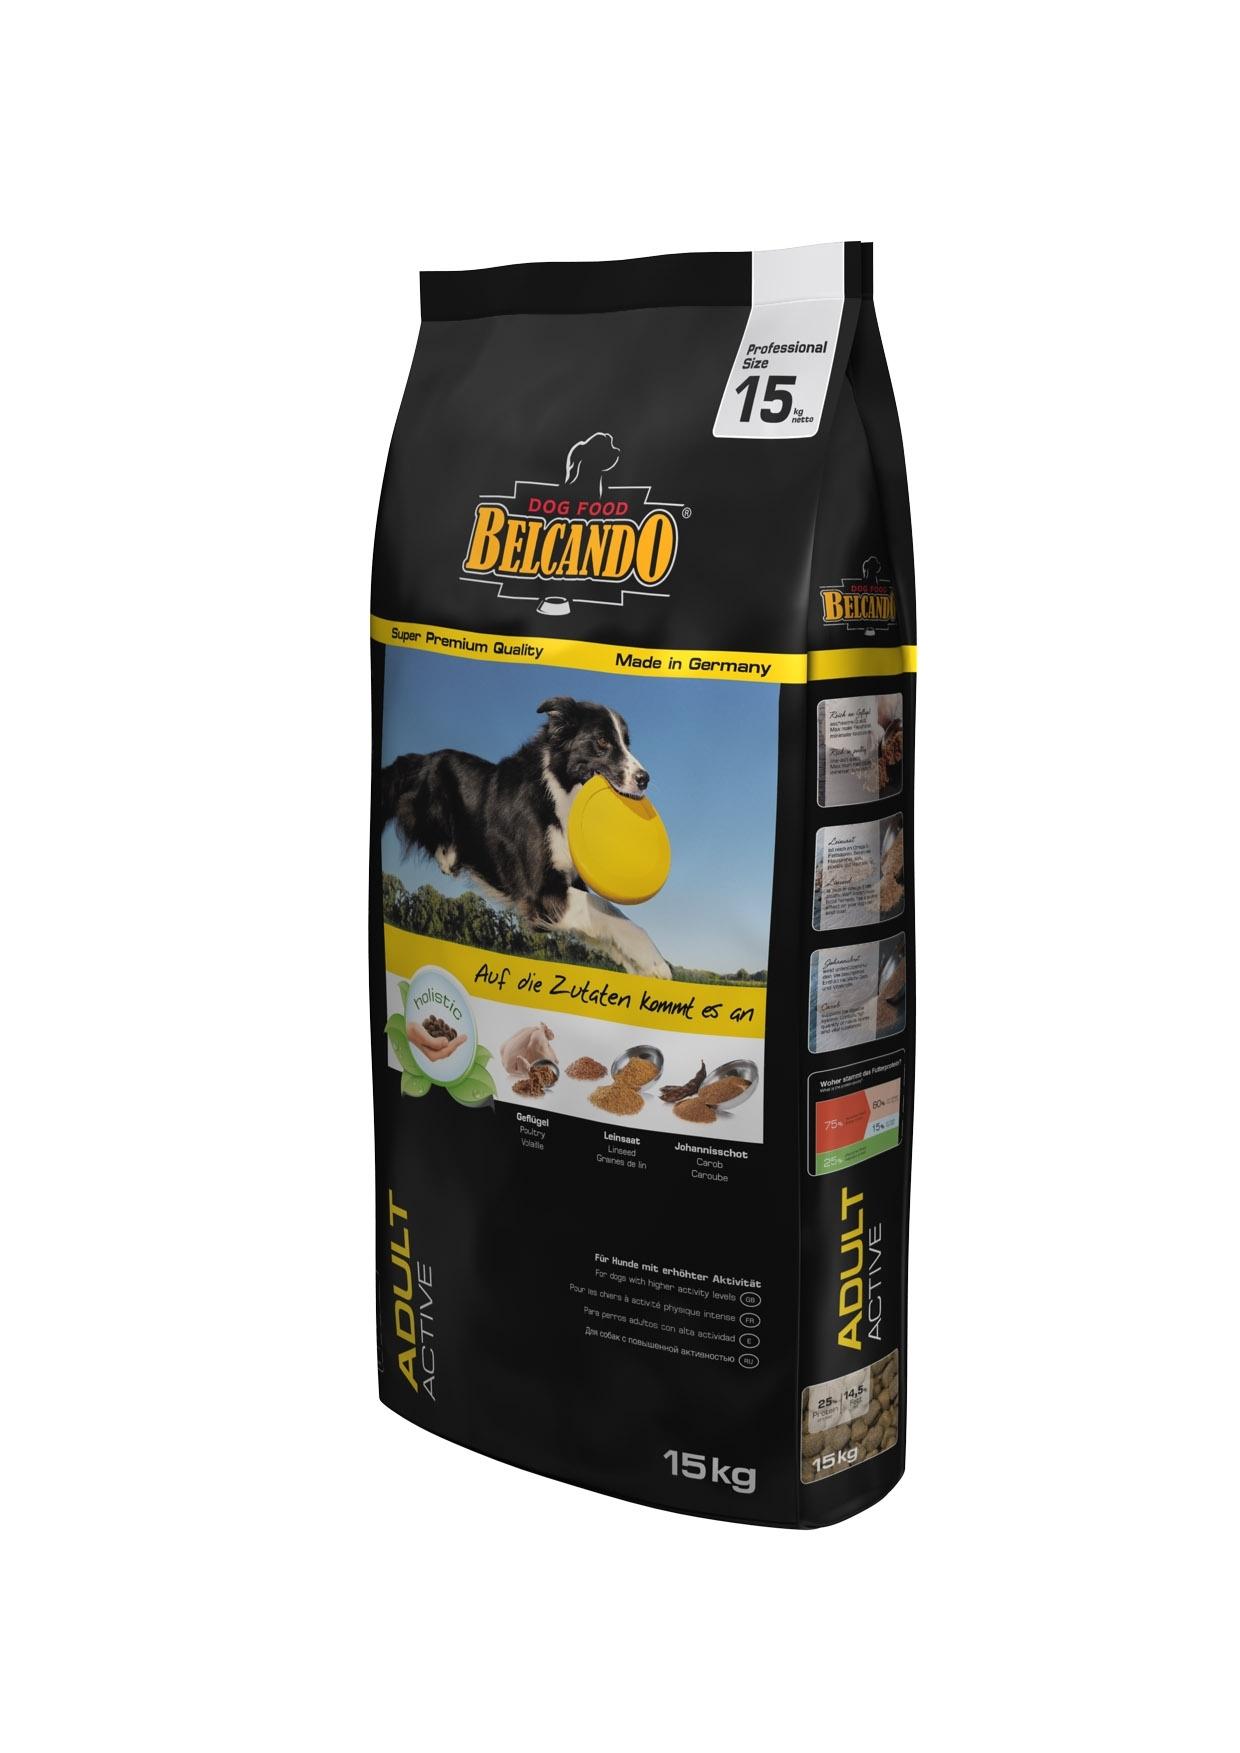 Корм сухой Belcando Adult Activ, для активных собак крупных и средних пород, с индейкой, 15 кг32148Корм Belcando Adult Activ - полноценный корм для активных собак крупных и средних пород. В состав корма входят плоды рожкового дерева для поддержания работы желудочно-кишечного тракта. Добавлена мука из виноградной косточки для поддержания работы сердца.Корм идеален для активных собак, которым требуется большое количество минеральных веществ и микроэлементов!Сбалансированная энергетическая ценность корма Belcando Adult Active позволяет вашему питомцу оставаться в отличной форме. Легкоусваиваемые жиры и незаменимые аминокислоты улучшают выносливость и физическое состояние.Состав: Сухое мясо птицы пониженной зольности (21,5%); кукуруза; овес; рис; мука сельди (6%); жир домашней птицы; рафинированное растительное масло; цареградский стручок крупного помола (2,5%); вытяжка из виноградной косточки; пивные дрожжи; льняное семя (2,3%); сухой жом; дикальций фосфат; гидролизат печени птицы; поваренная соль; калий хлористый; травы (всего 0,2%: листья крапивы, корень горечавки, золототысячник, ромашка, фенхель, тмин, омела, тысячелистник, листья ежевики); экстракт юкки. Питательные добавки: Витамин А - 13,000 МЕ/кг, Витамин Е - 130 мг/кг, Витамин D3 - 1,300 МЕ/кг, Кальций - 1,3%, Фосфор - 0,9%. Содержание питательных веществ: протеин - 25%, жир - 14,5%, клетчатка - 3,2%, Зола - 7%, Влажность - 10%. Товар сертифицирован.